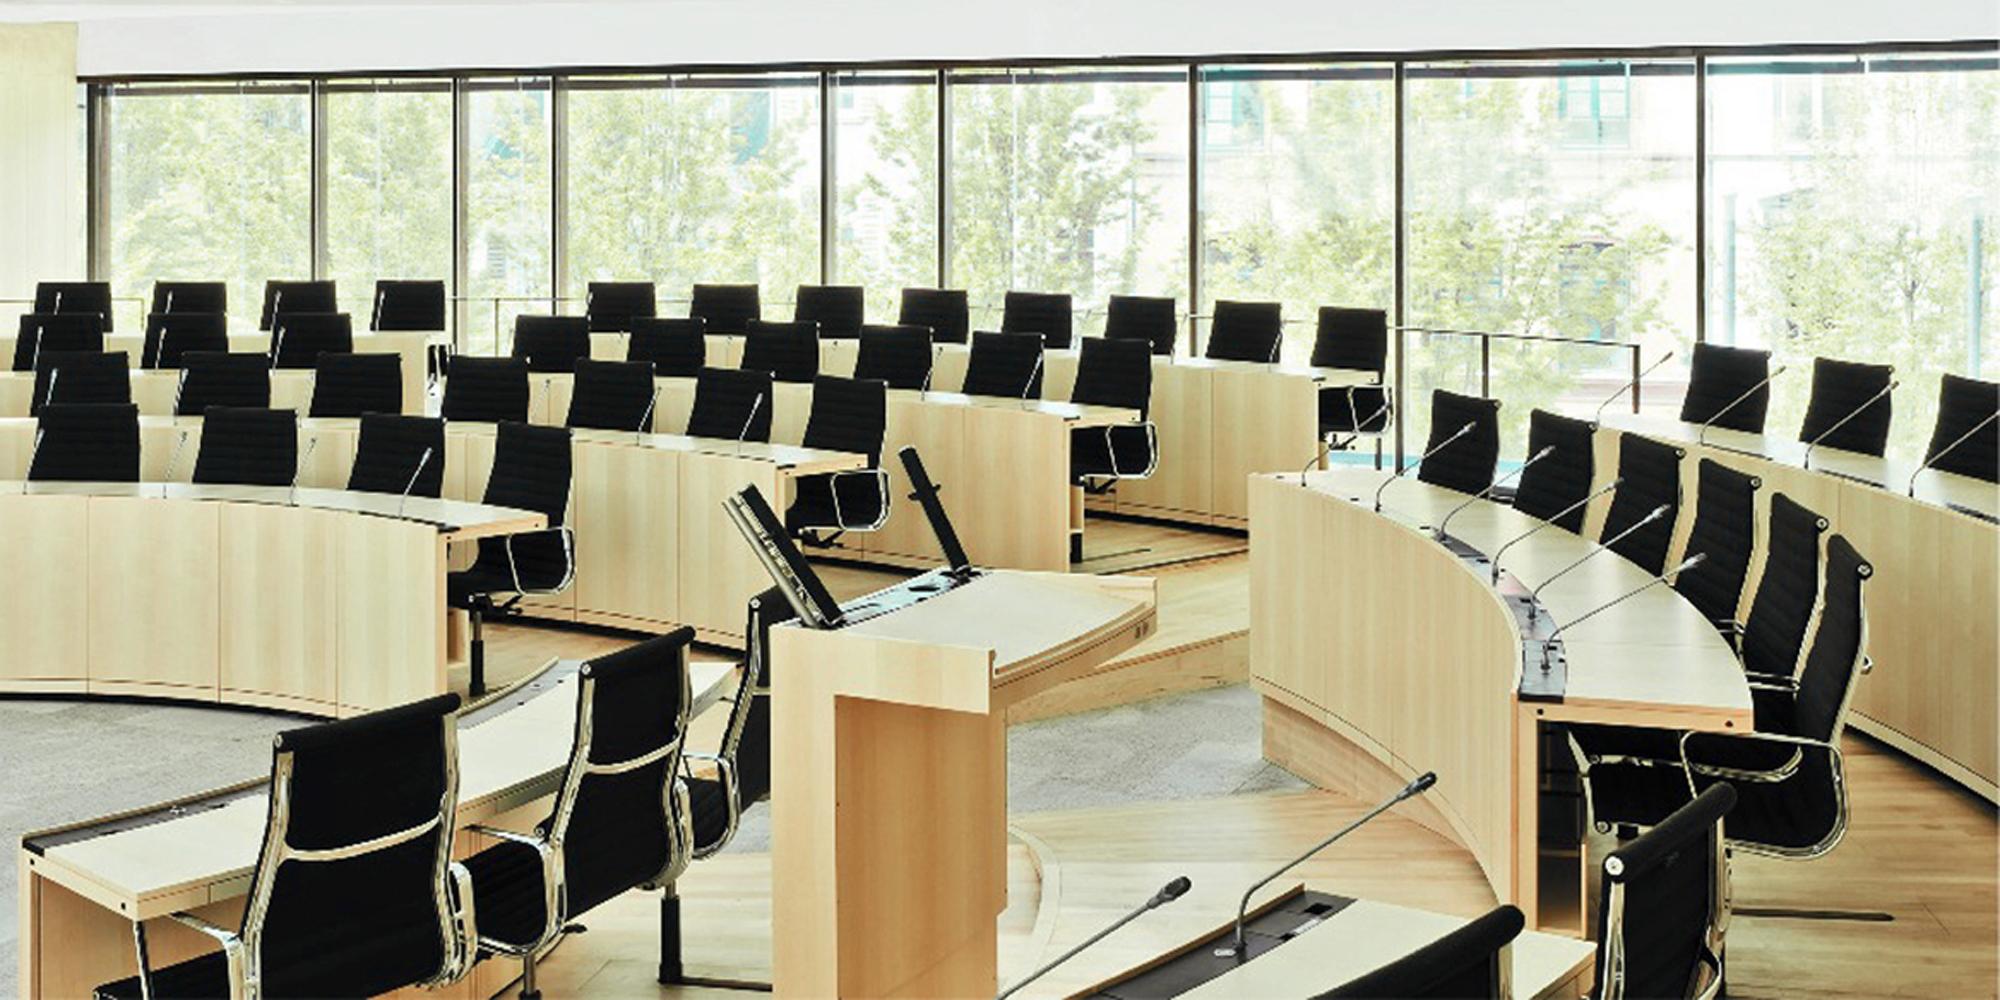 Plenarsaalgebaeude Hessischer Landtag